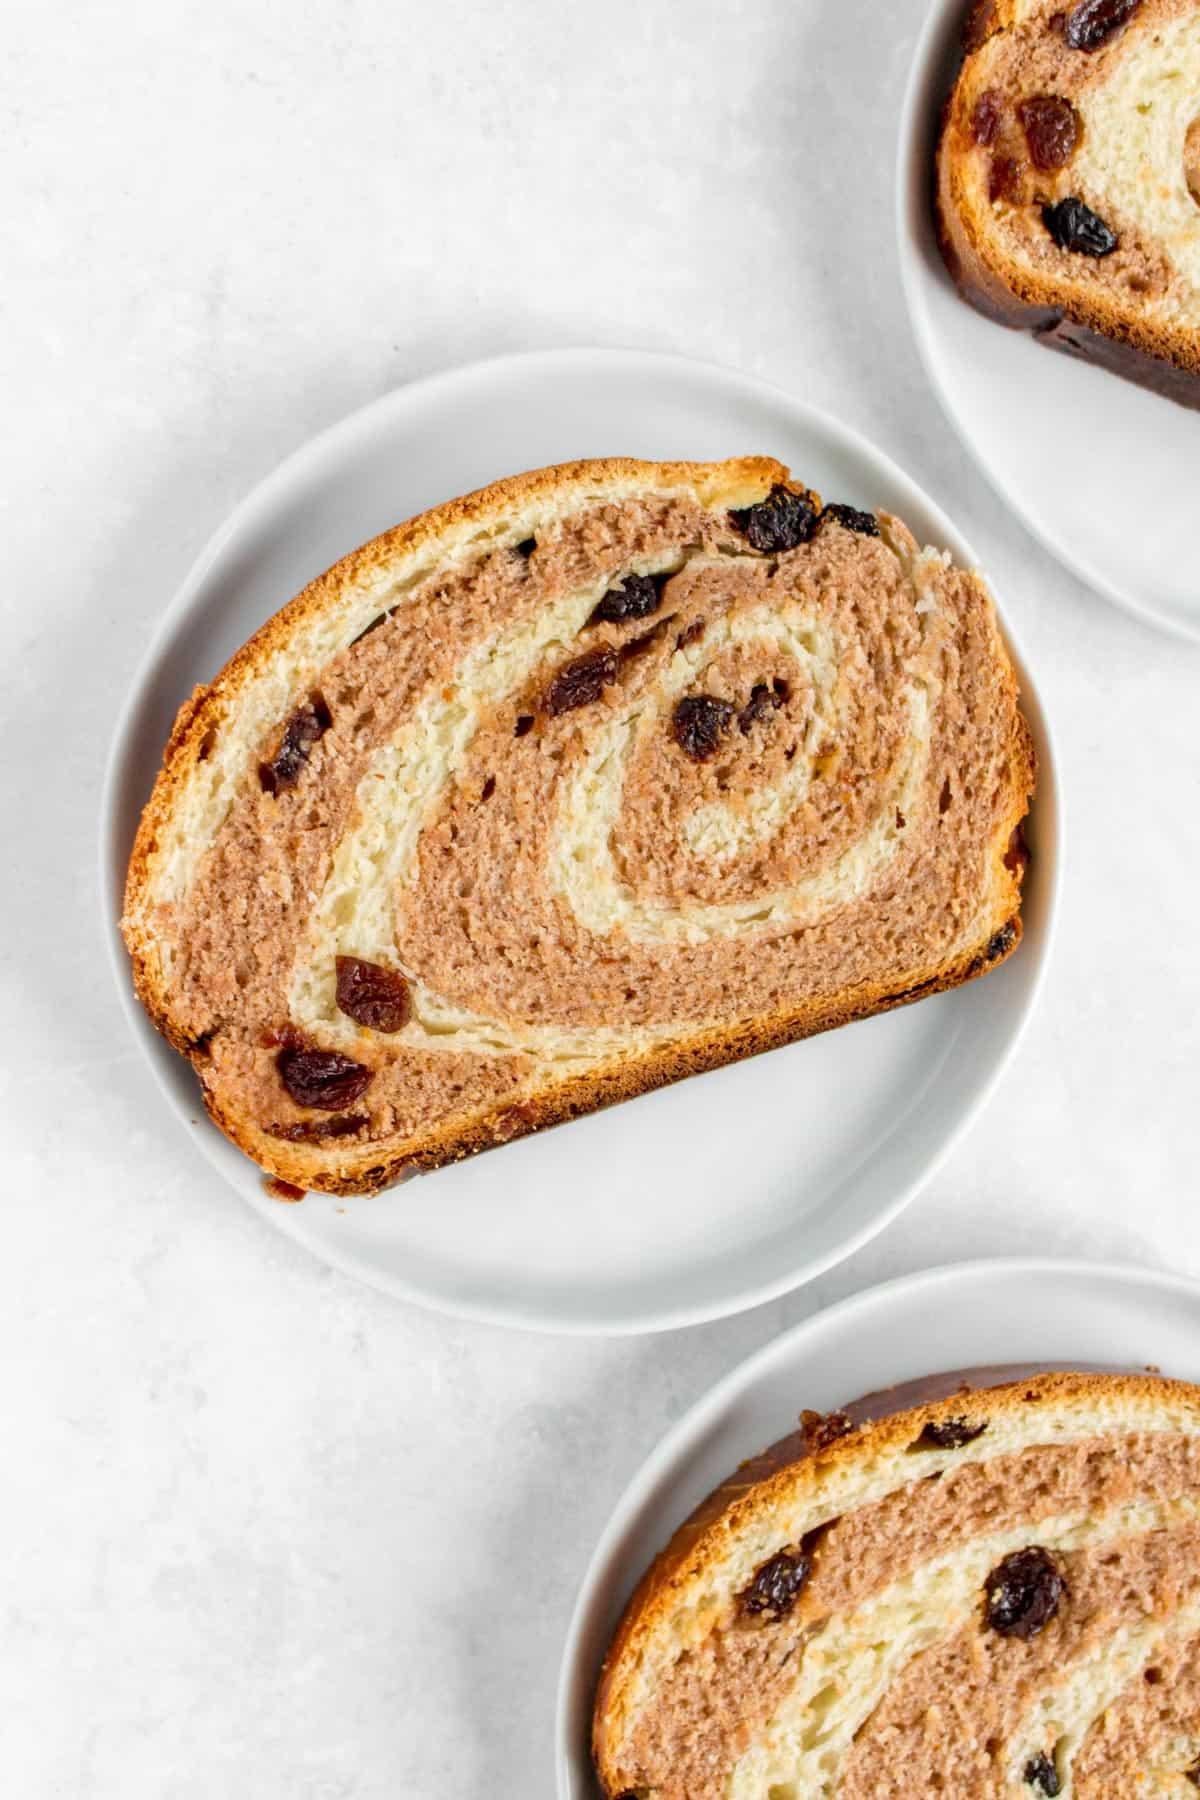 Slice of cinnamon raisin milk bread in a plate.